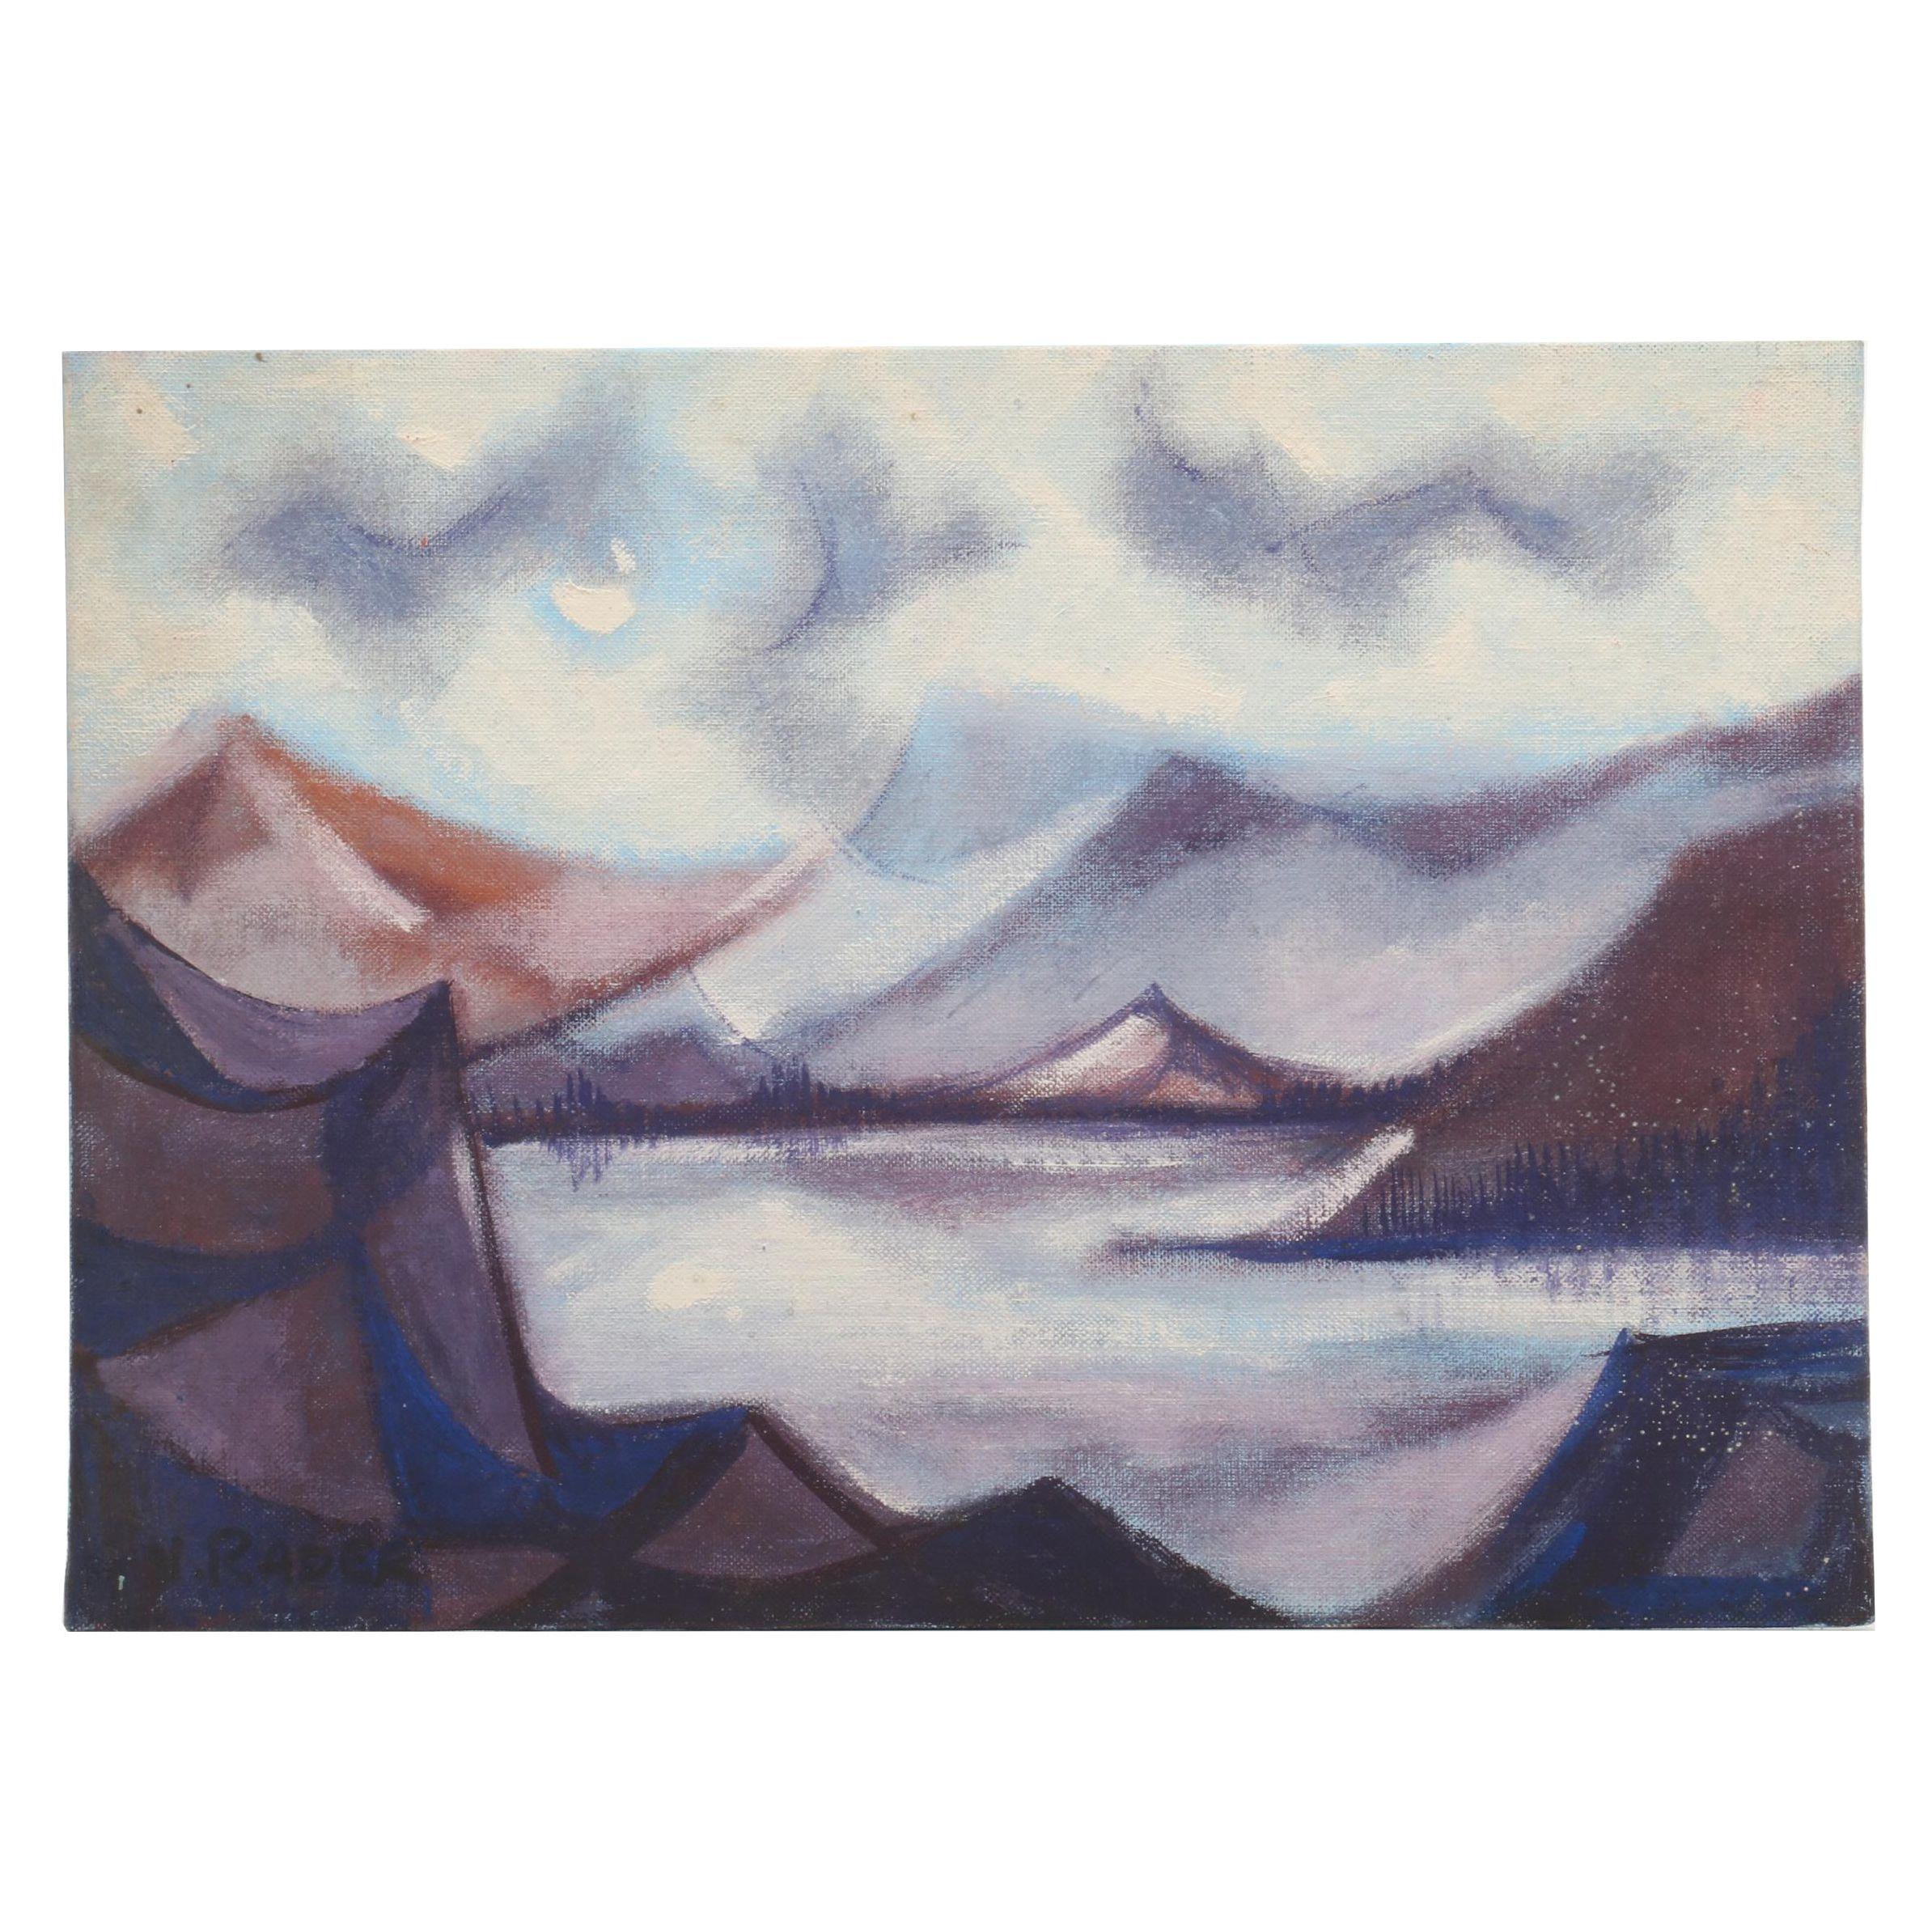 V. Rader Surrealist Style Landscape Oil Painting